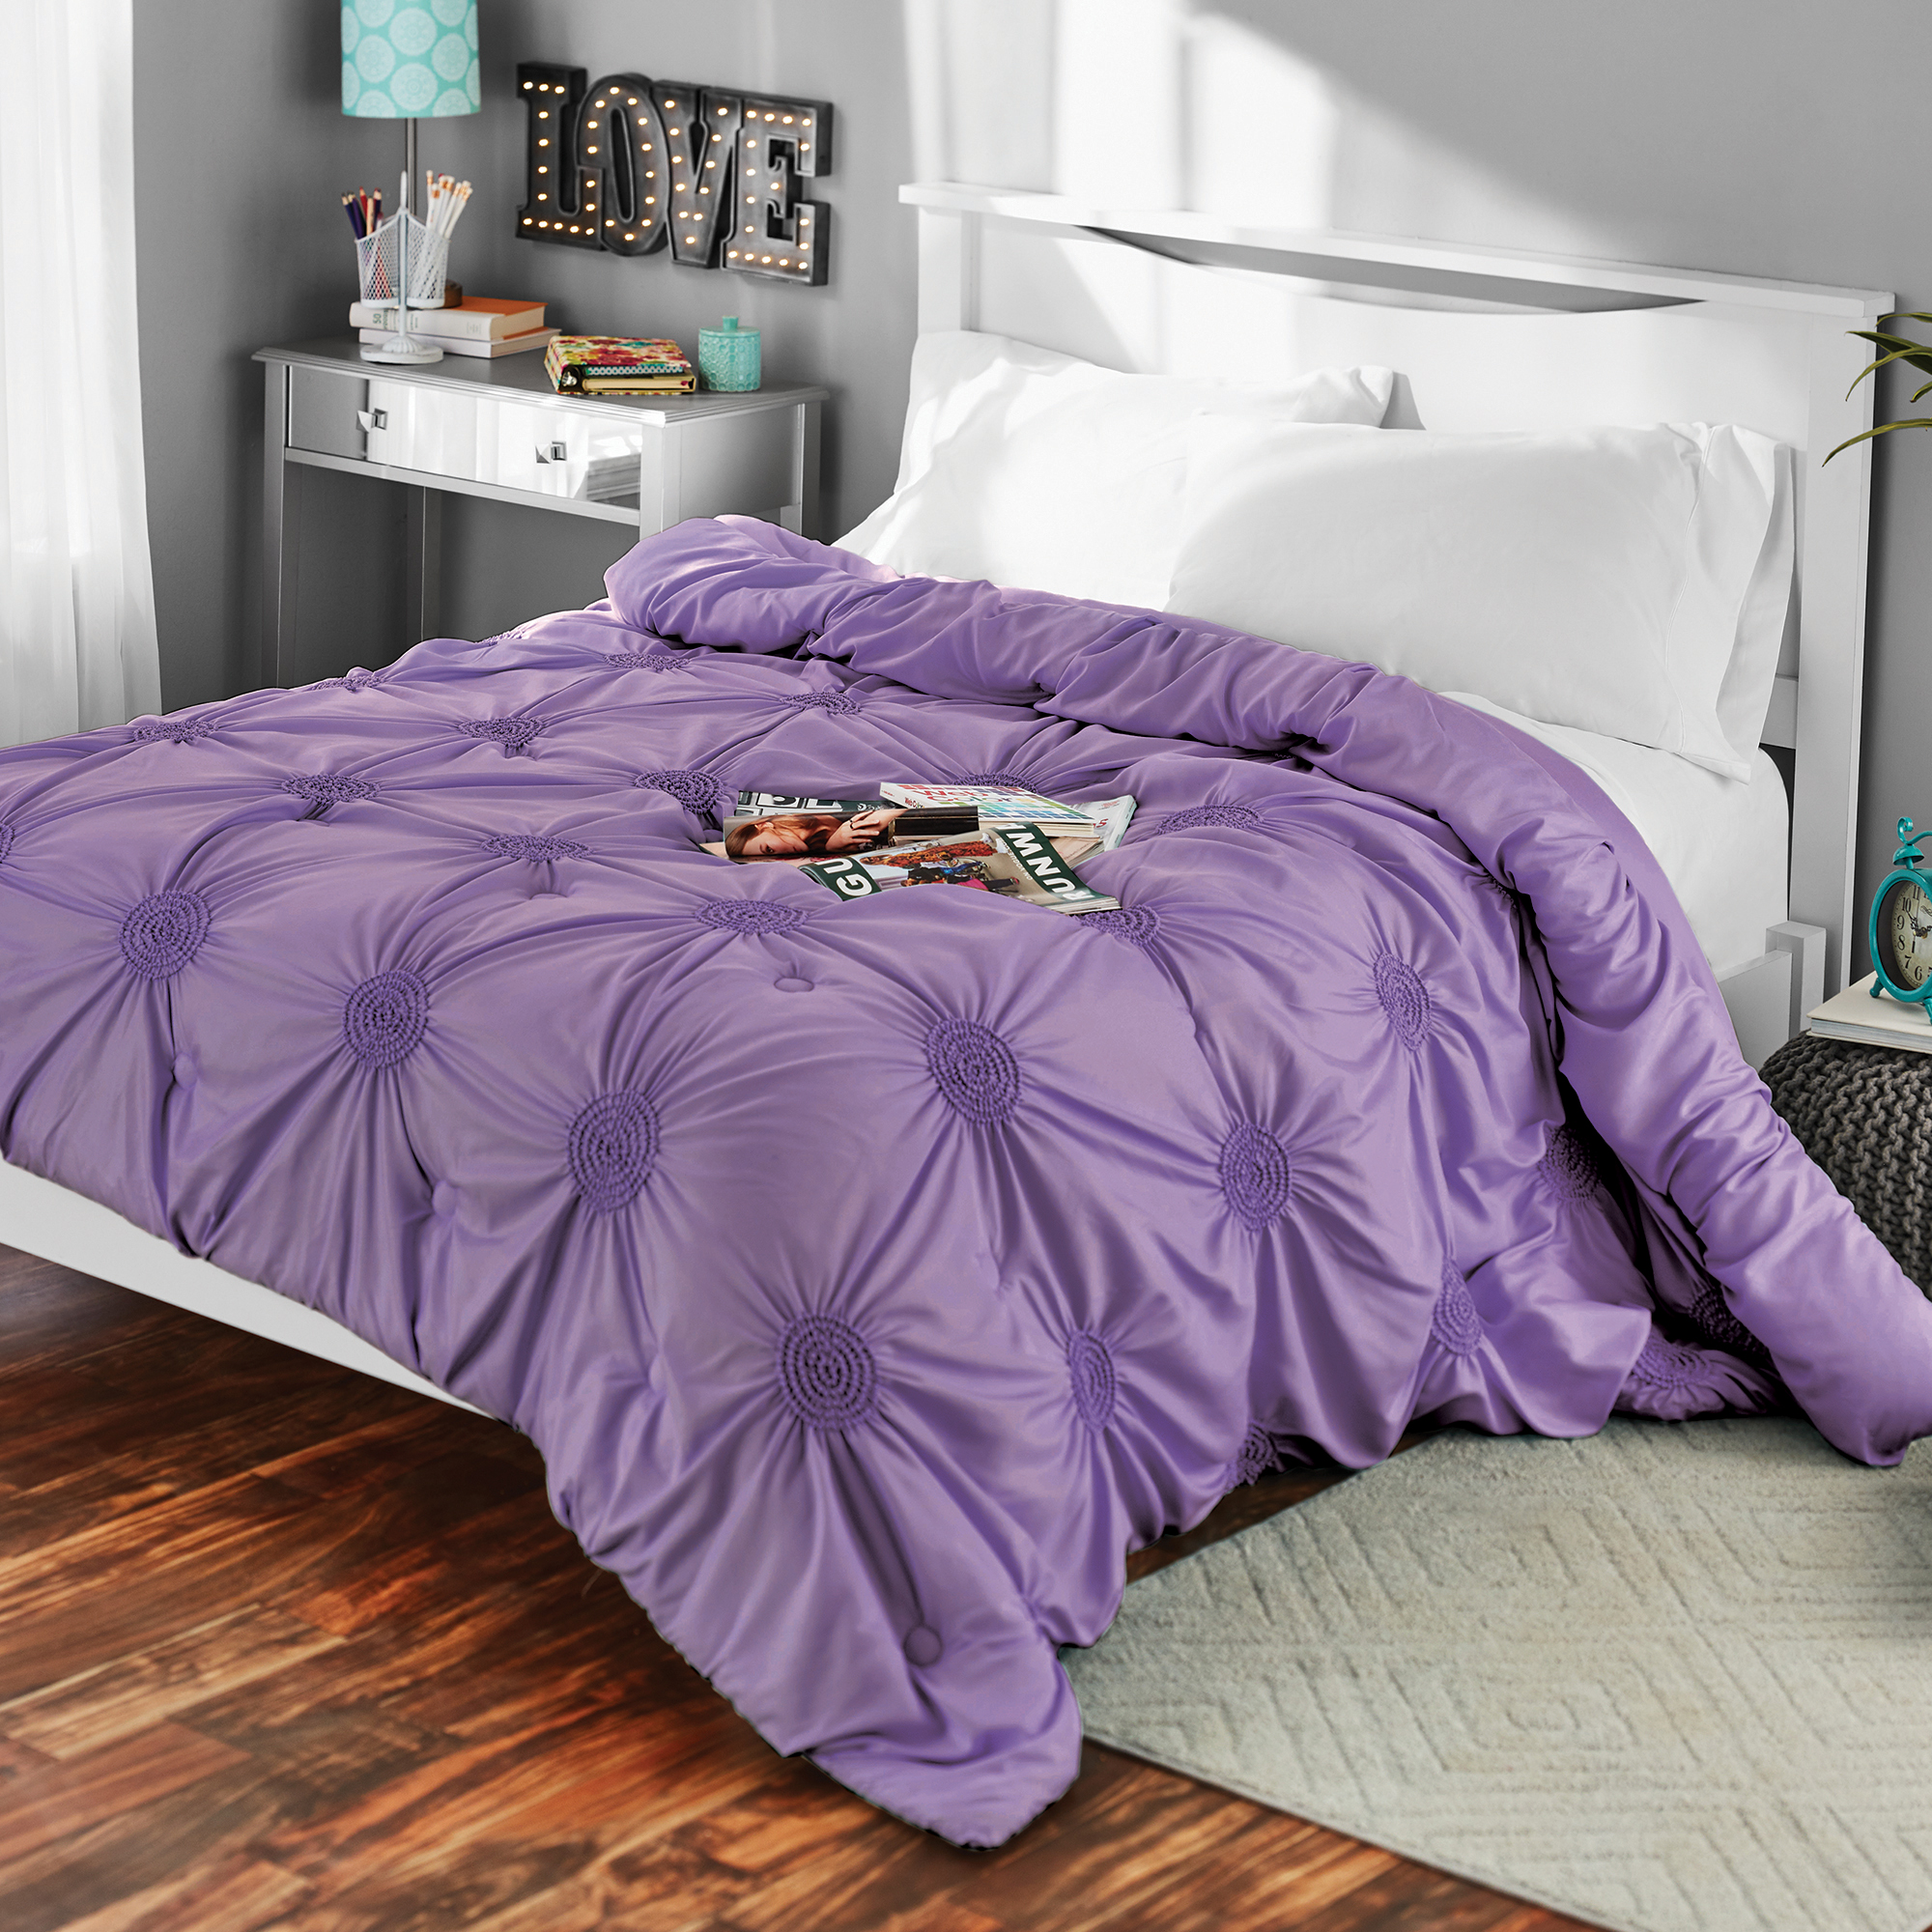 Mainstays Solid Elastic Circle Ruched Microfiber Comforter Lavender Full Queen Walmart Com Walmart Com